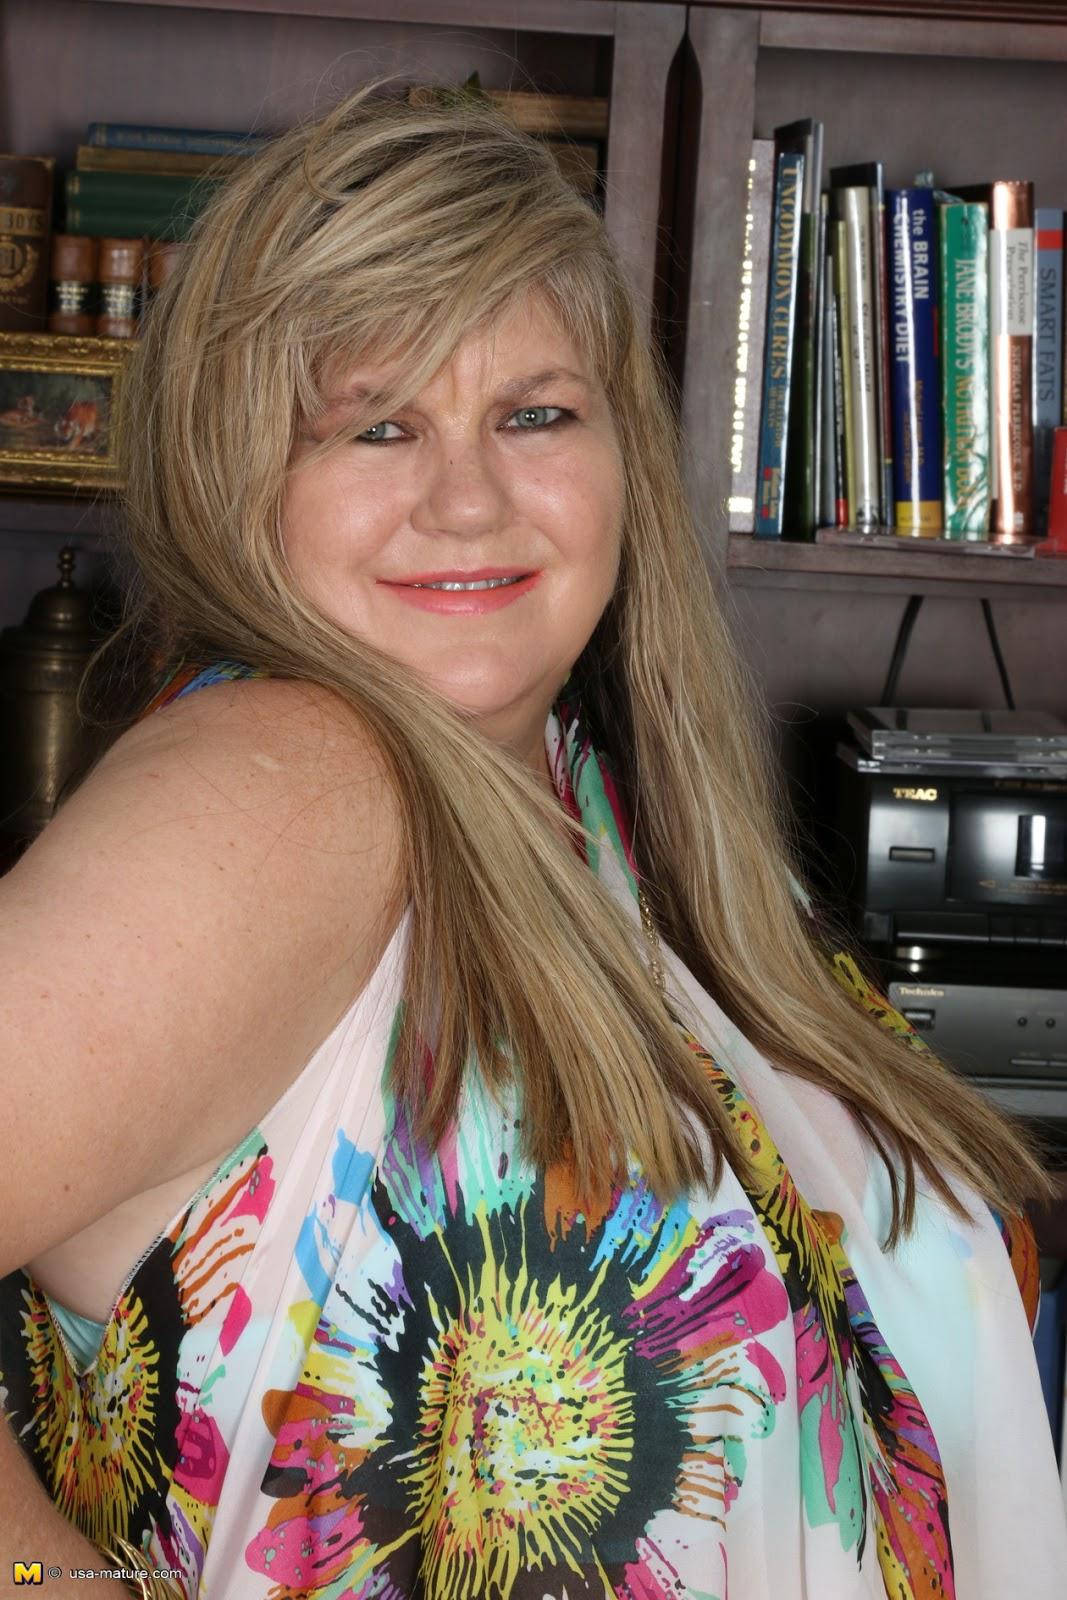 Queensized Beauties 2: Brooke